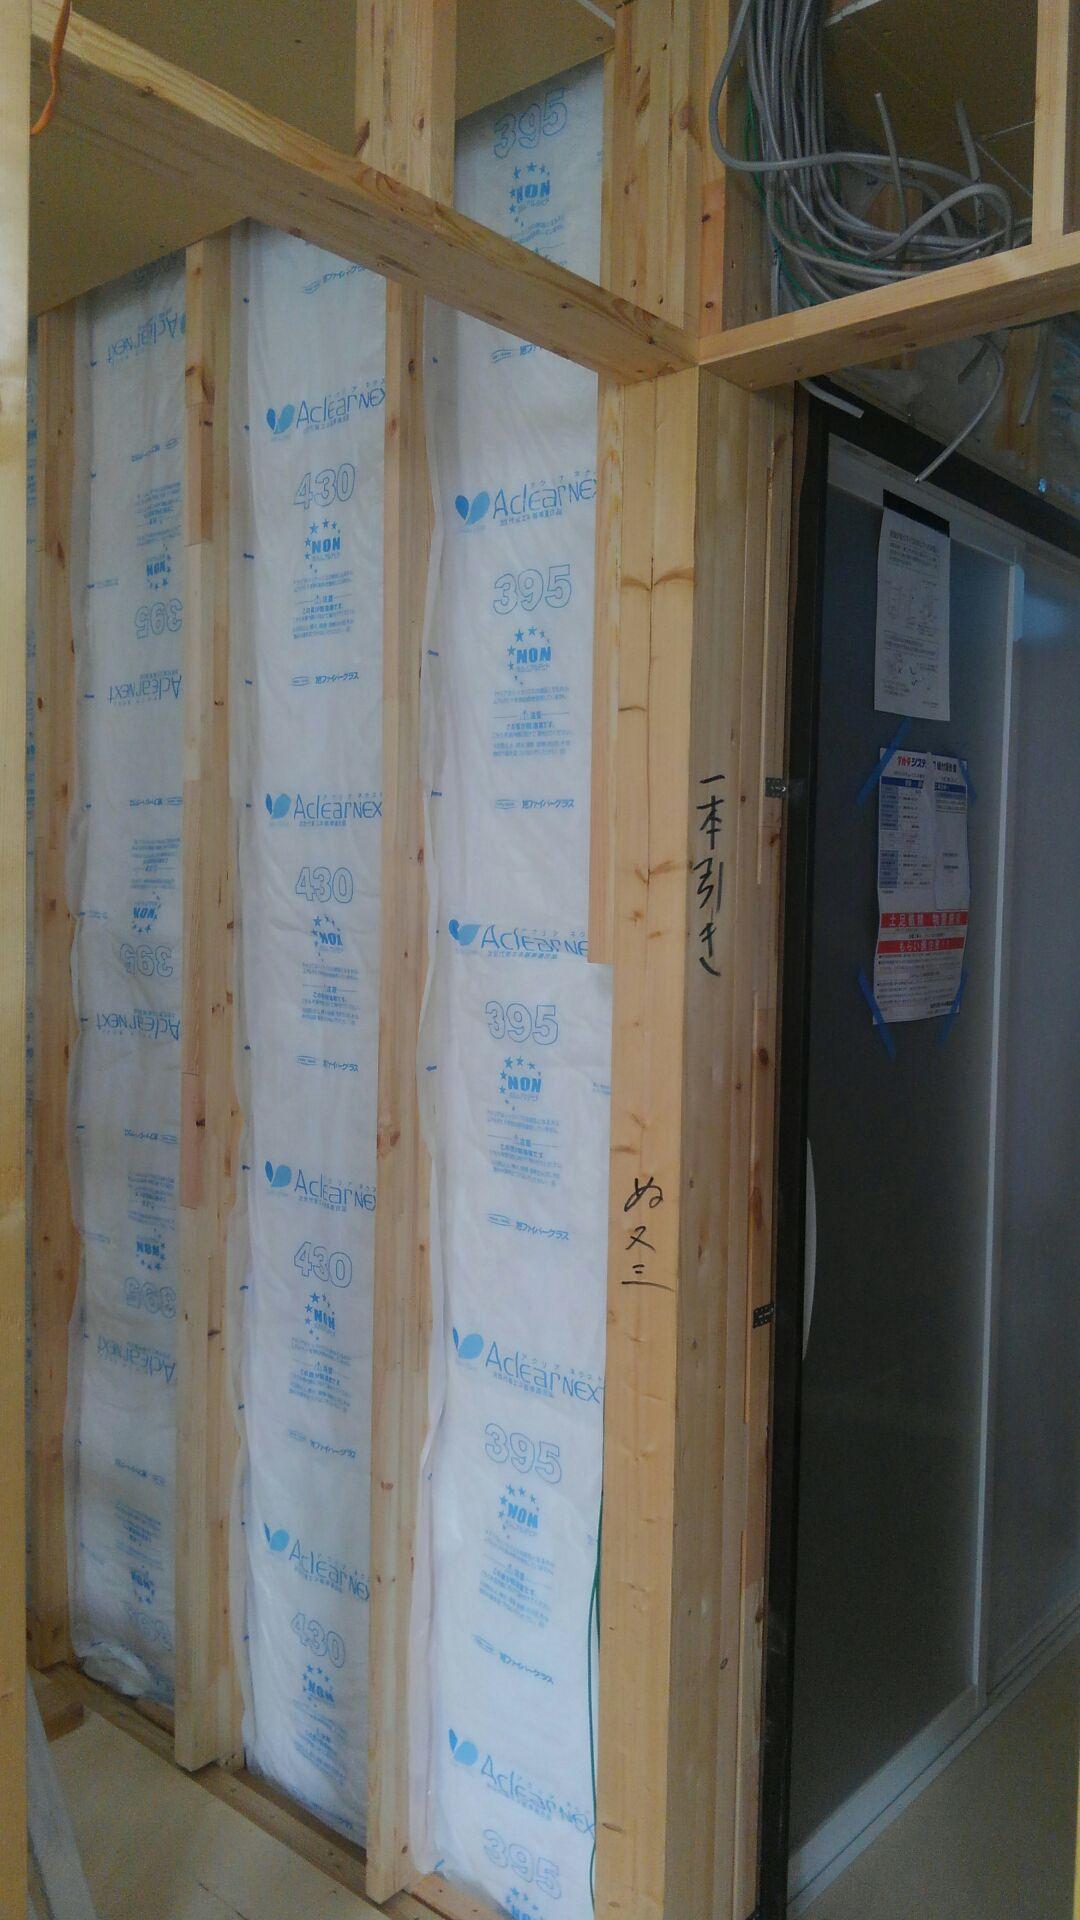 建物の中では、断熱材入れをはじめています。